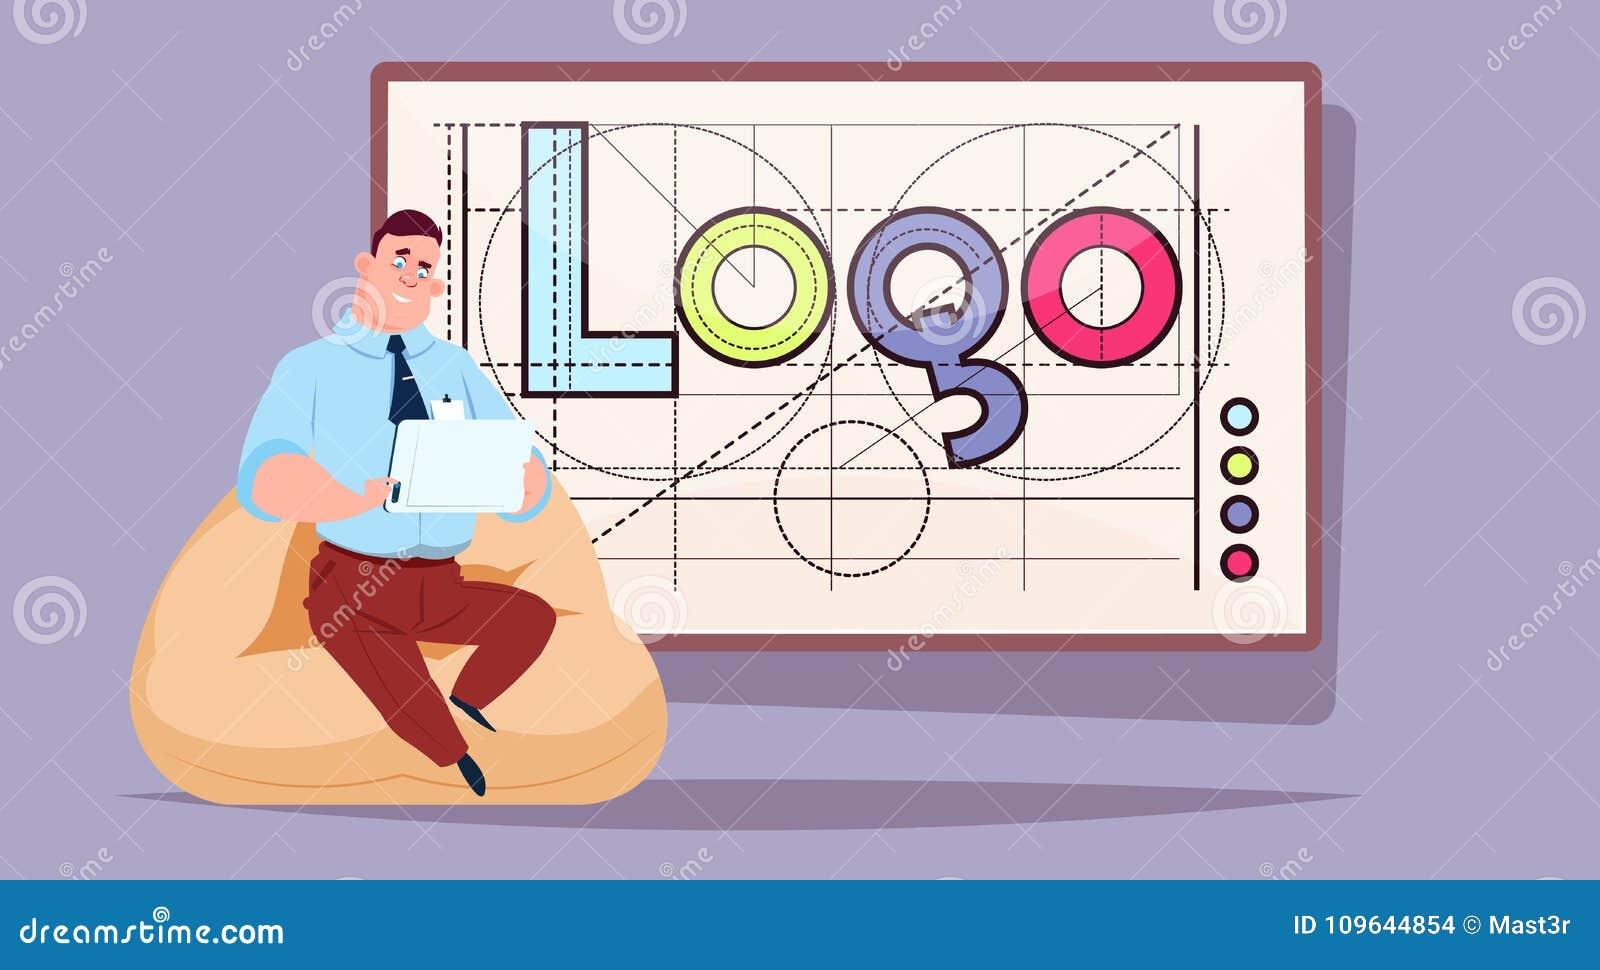 研究在商标词创造性的图形设计的便携式计算机的商人在抽象几何形状背景